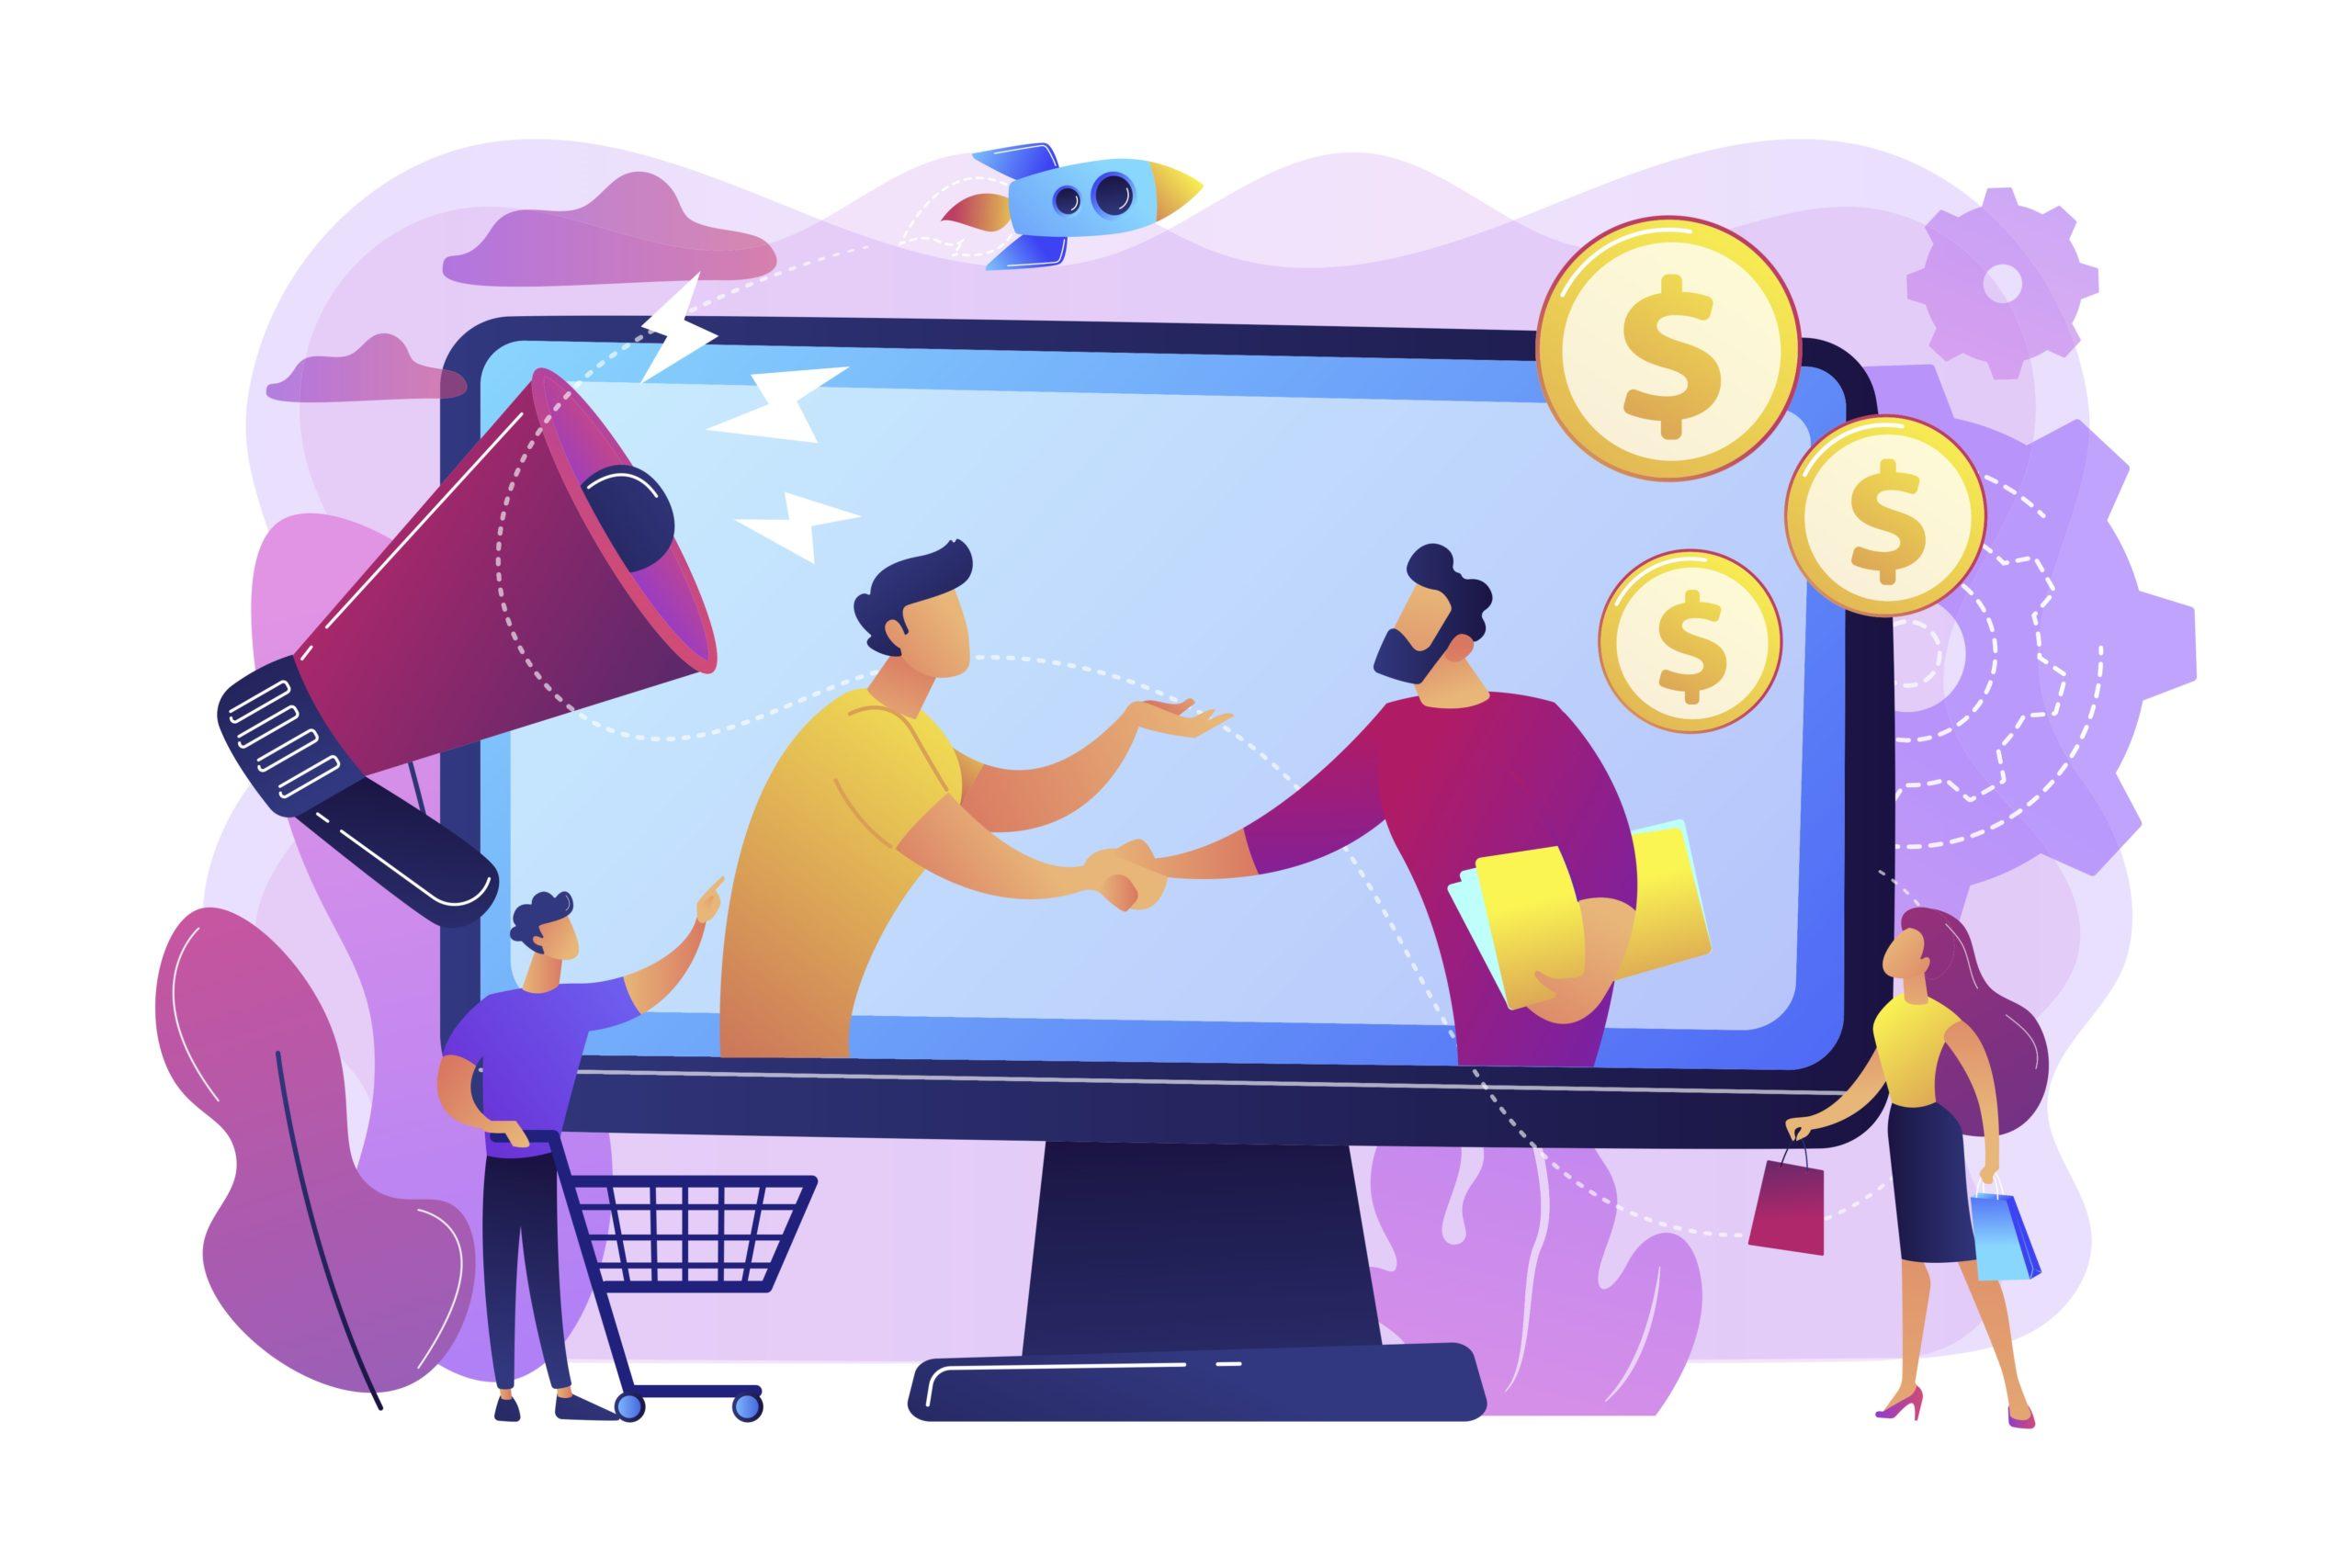 ブログで稼ぐ仕組みは2種類:広告と商品販売